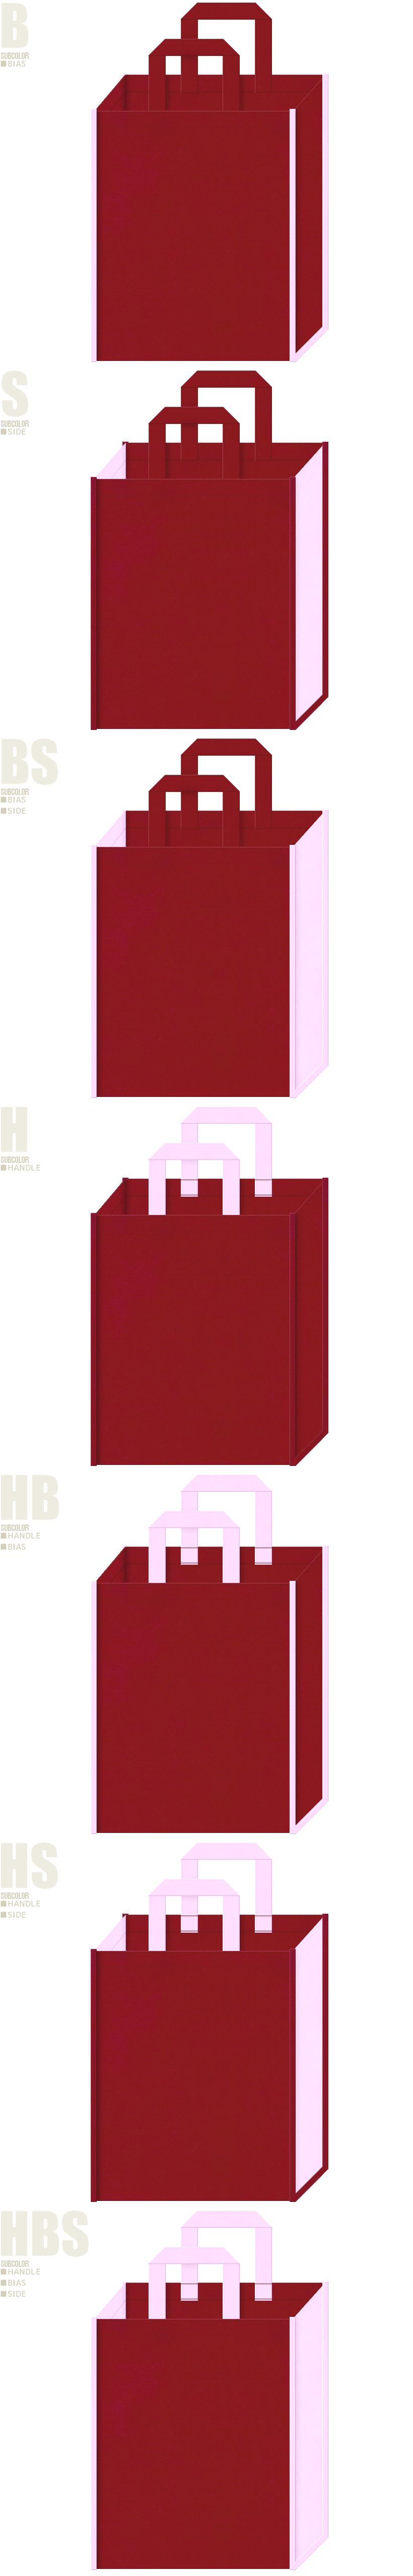 ゲーム・お姫様・むかし話・着物・振袖・成人式・ひな祭り・写真館・学校・和風催事にお奨めの不織布バッグデザイン:エンジ色と明るいピンク色の配色7パターン